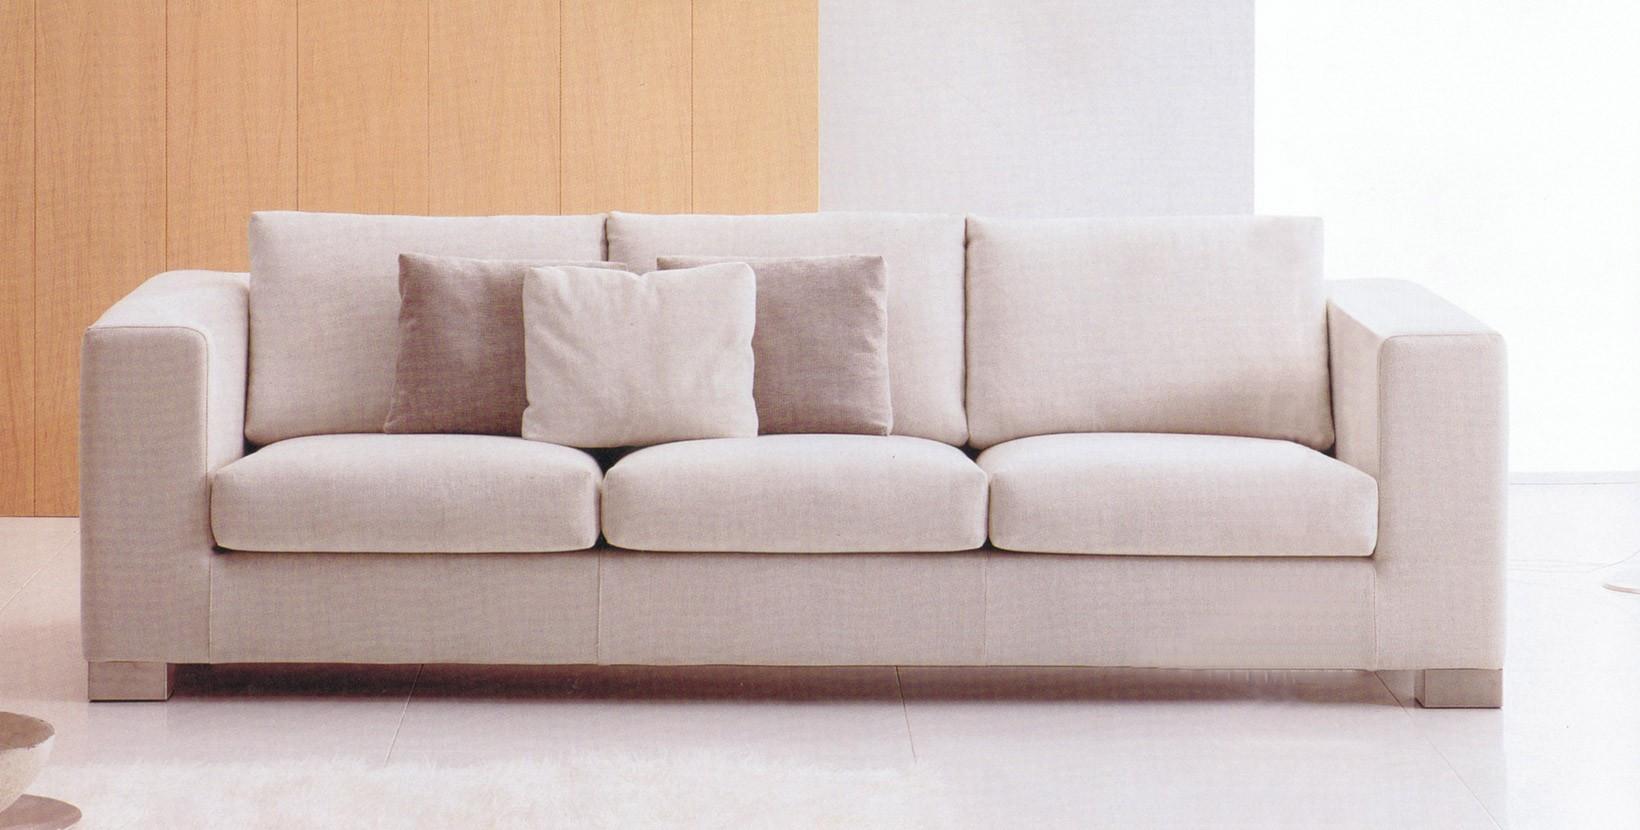 Sof cama modelo madrid 2 y 3 cuerpos for Sofa cama 150 ancho